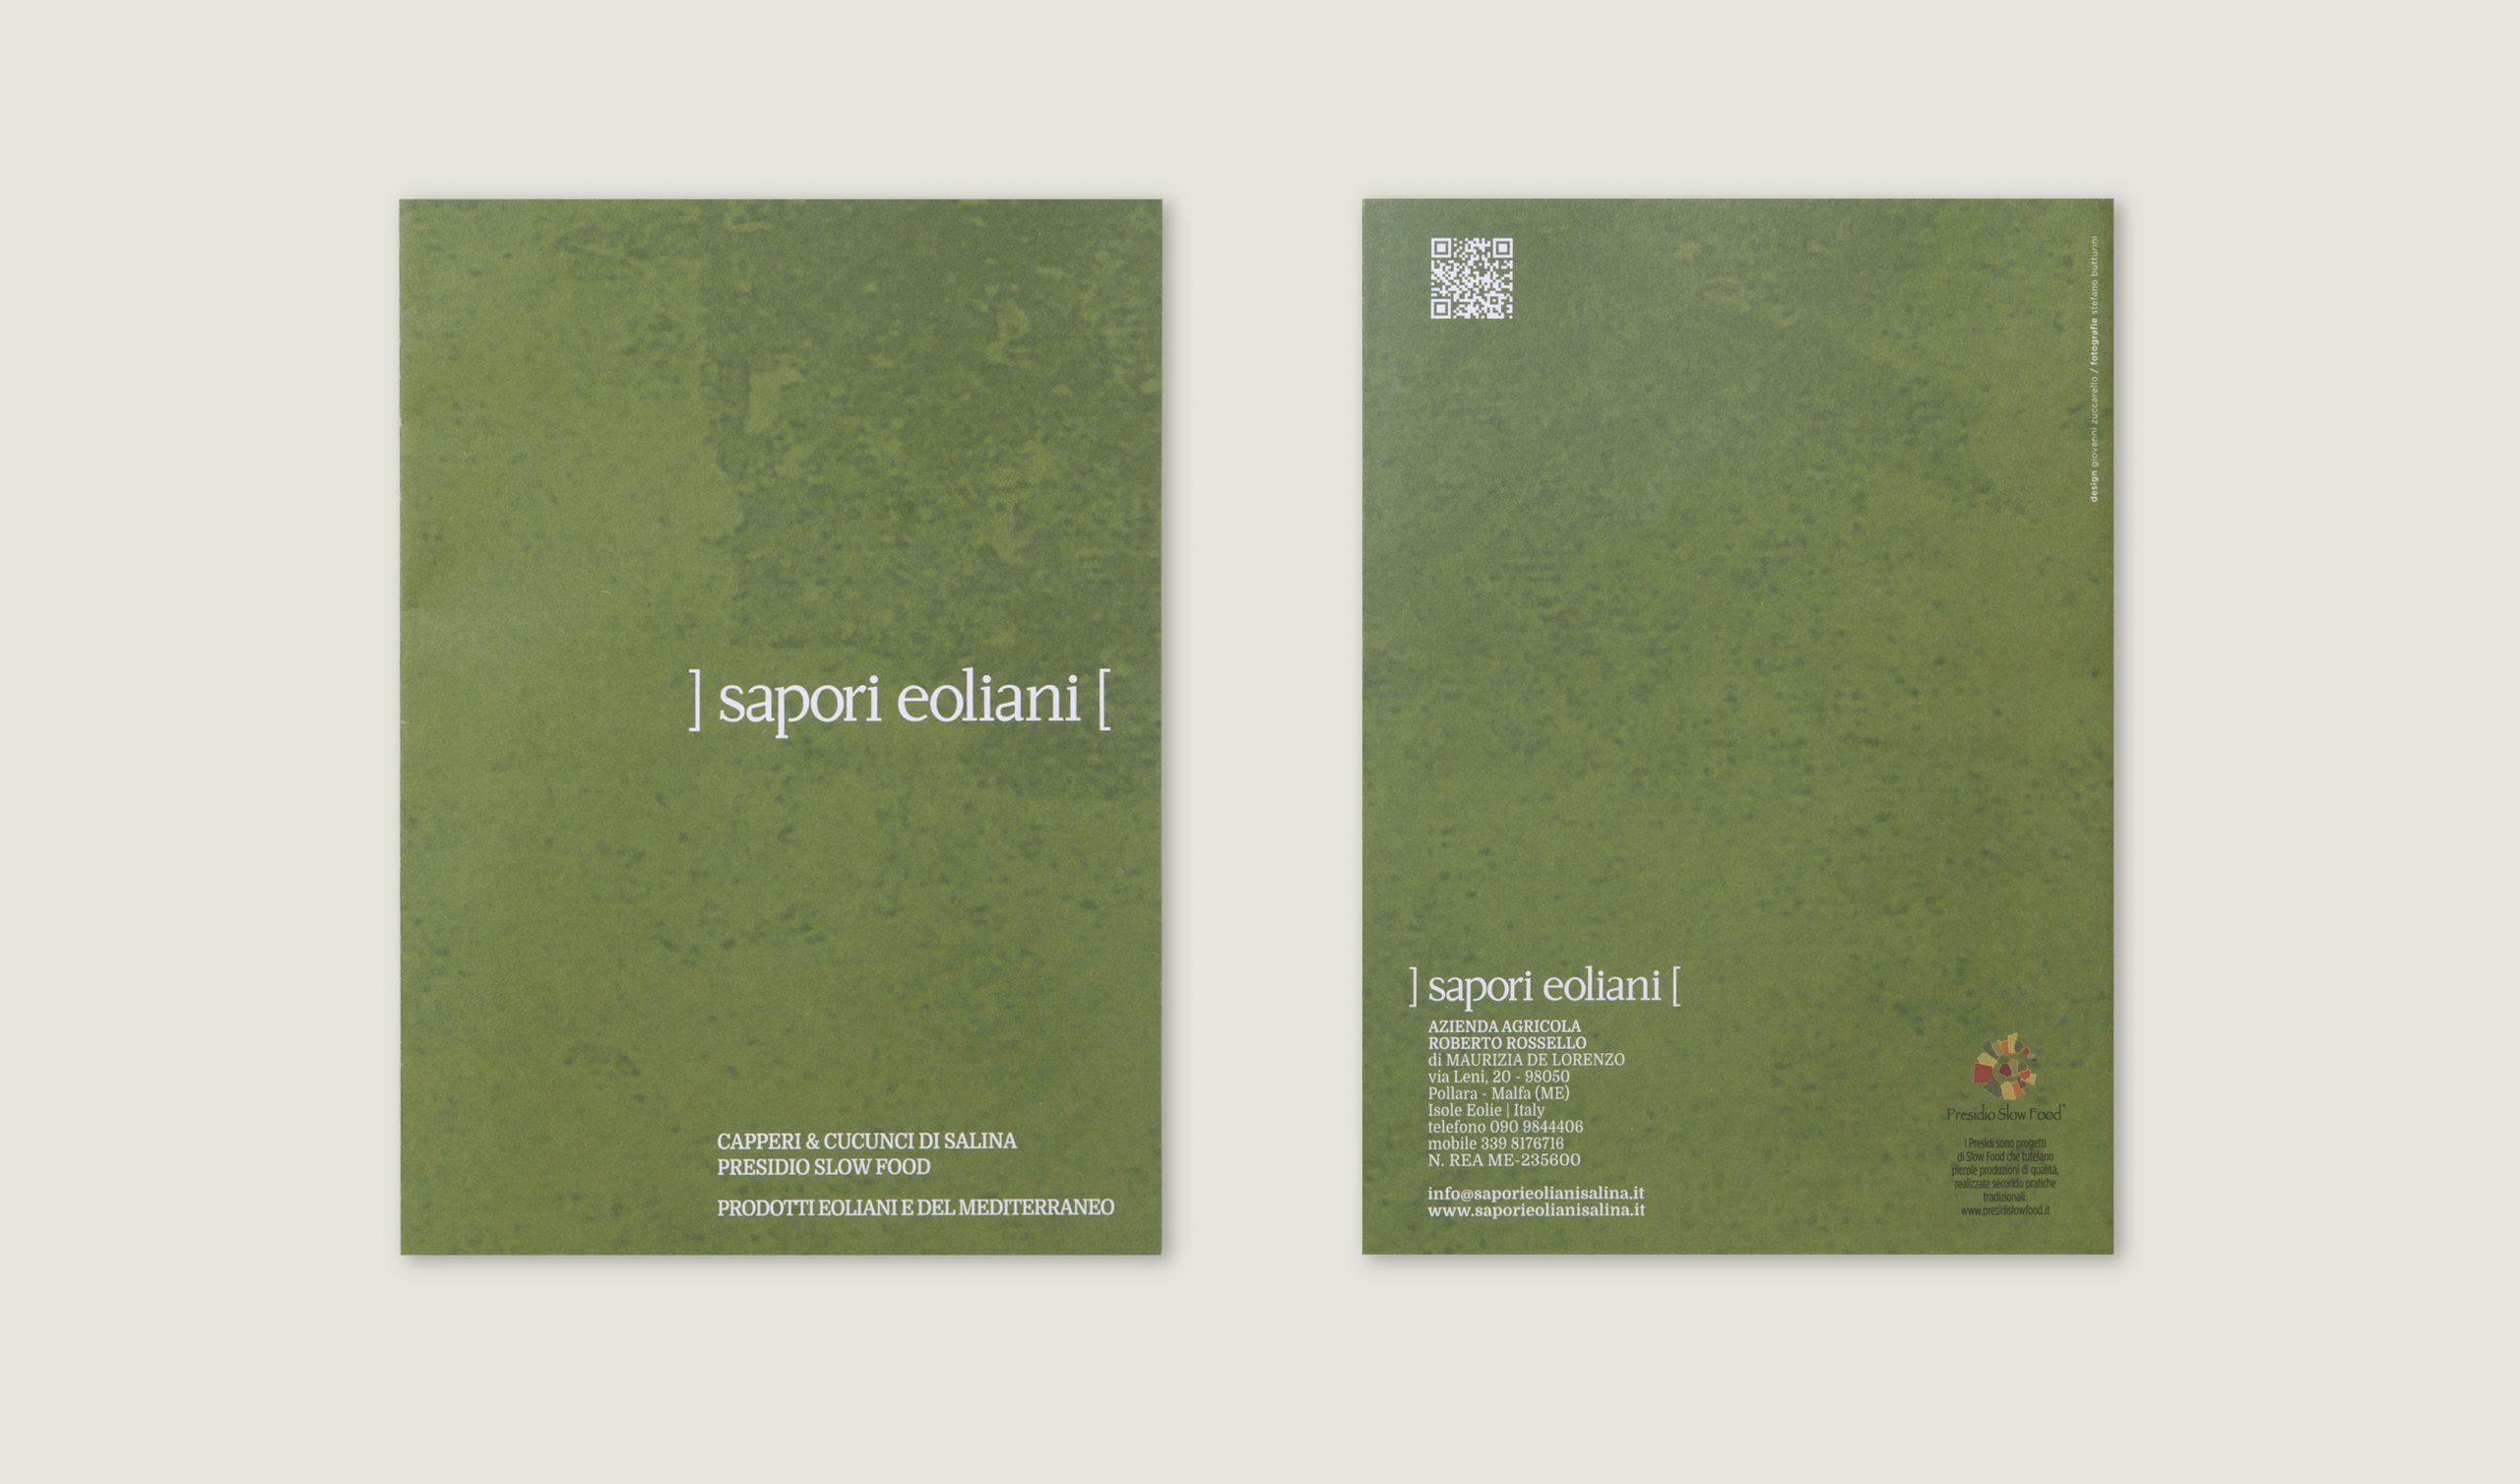 Sapori Eoliani identità visiva azienda di Salina - Brochure